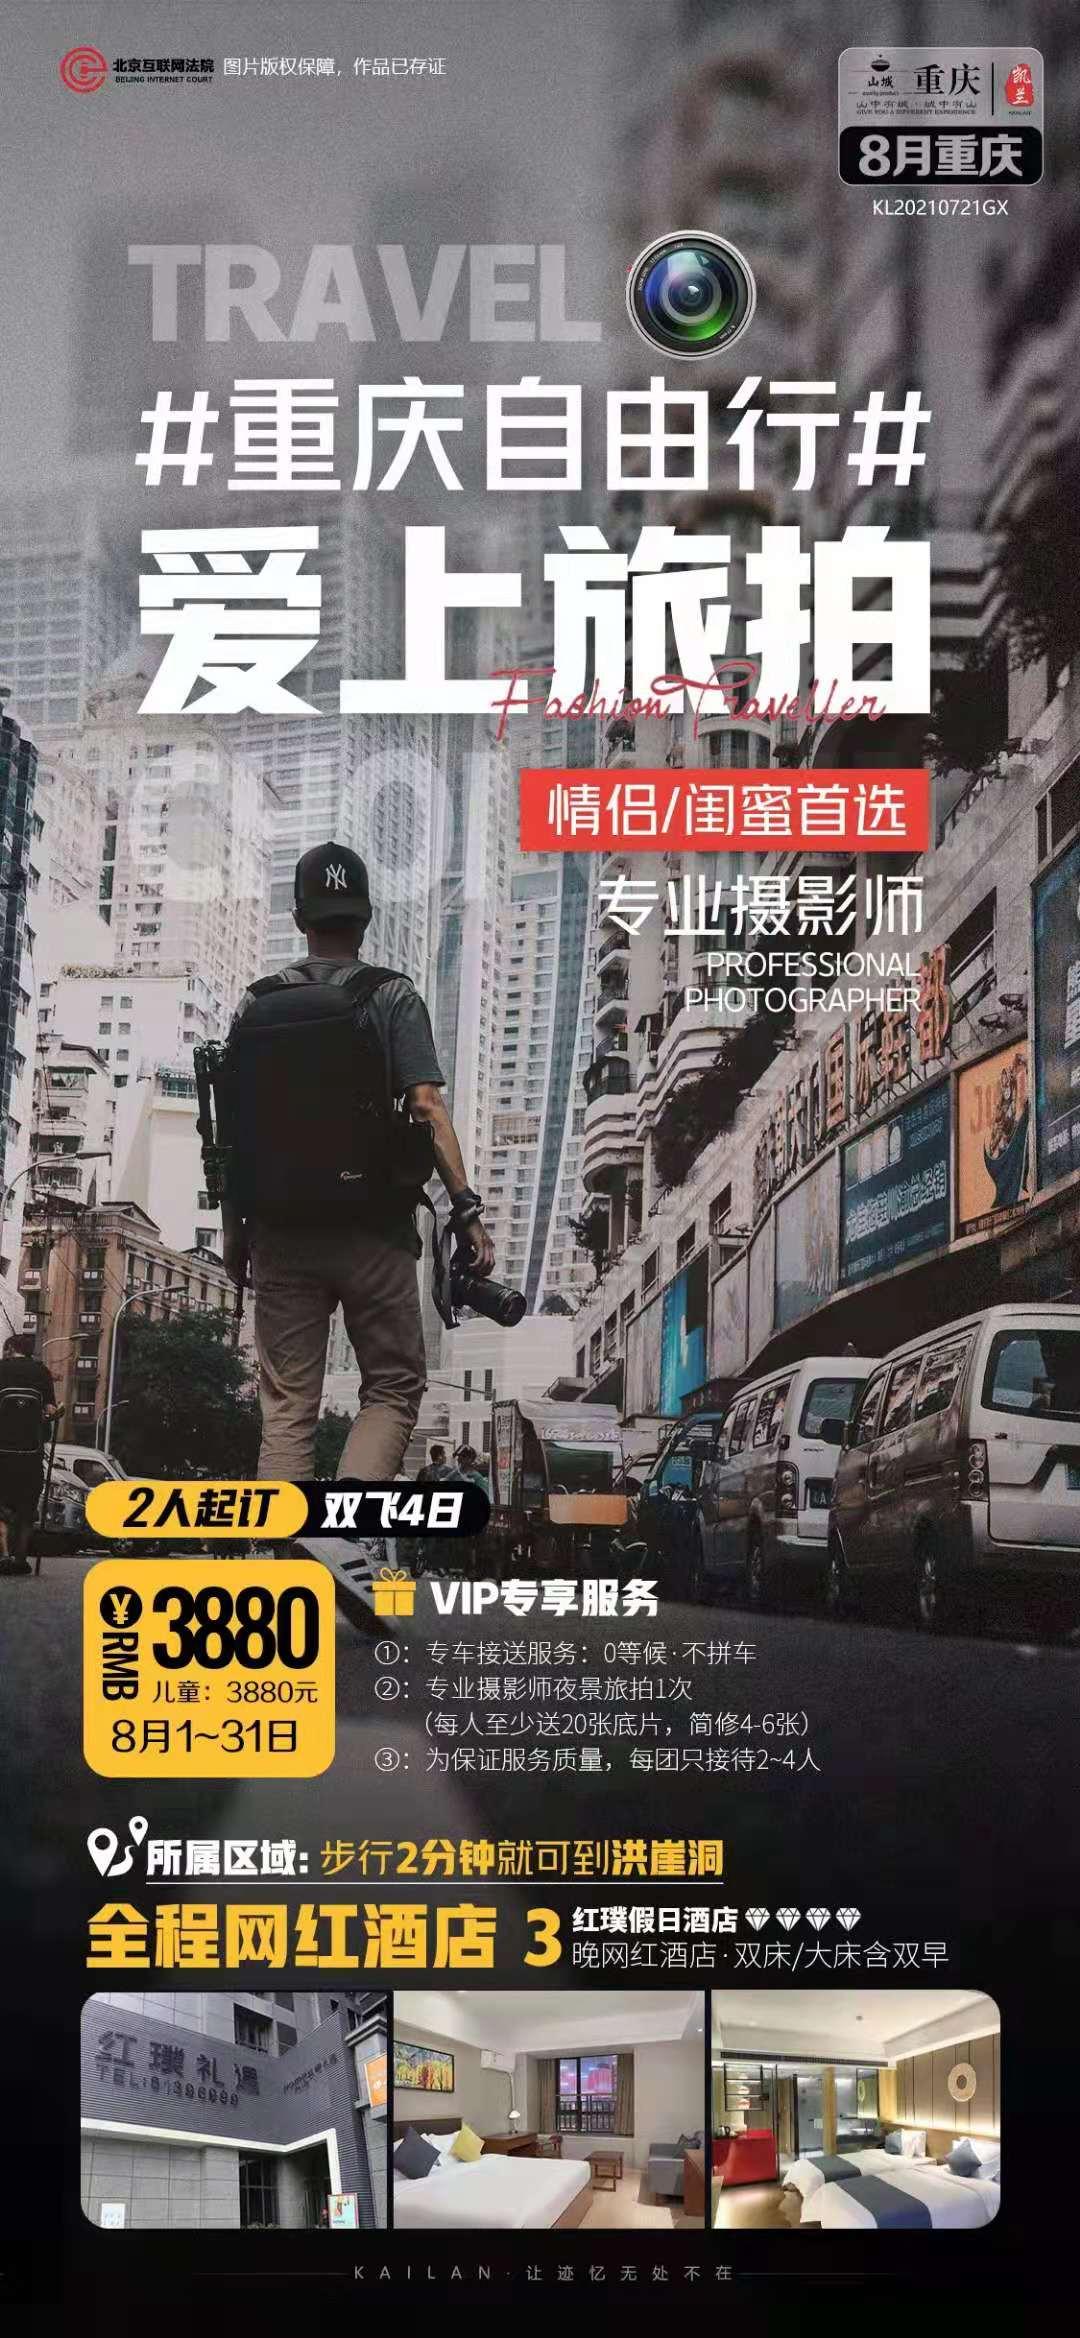 重庆旅拍自由行